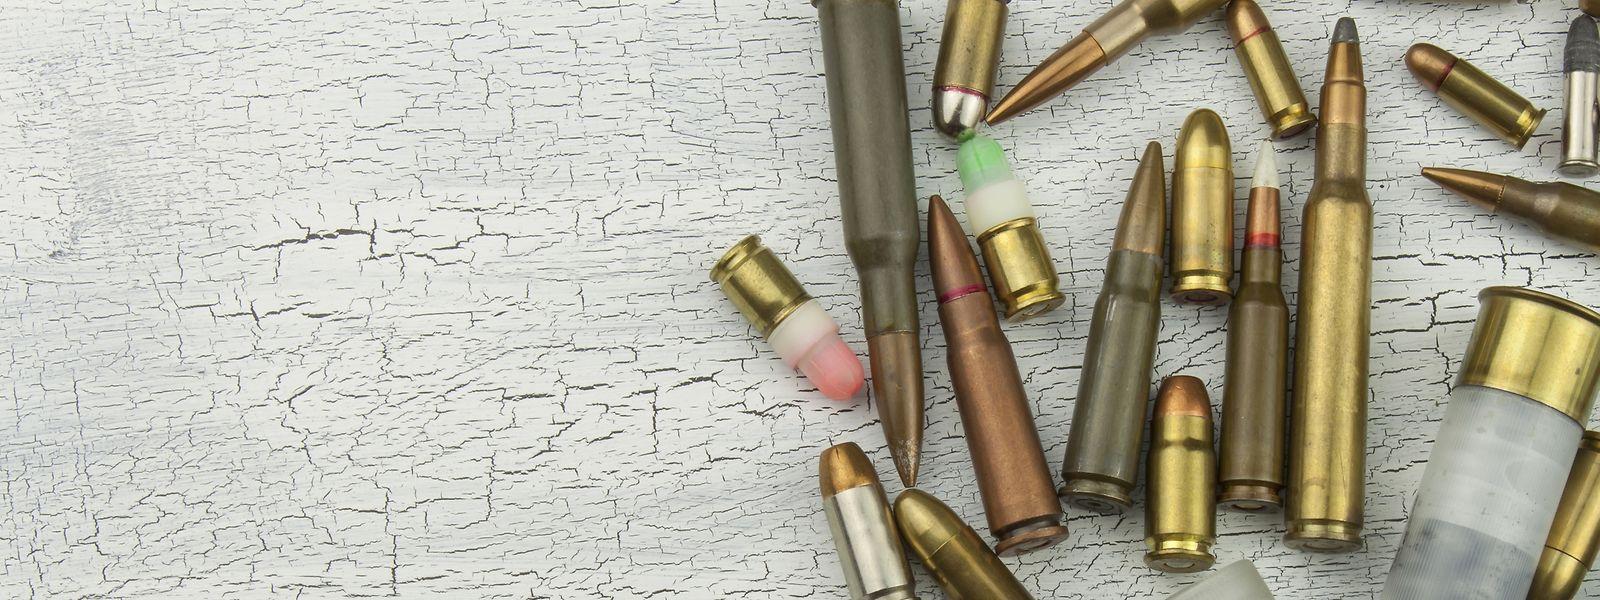 En Wallonie, la fabrication et la vente d'armes oscillent en permanence entre intérêts économiques et scrupules humanitaires.